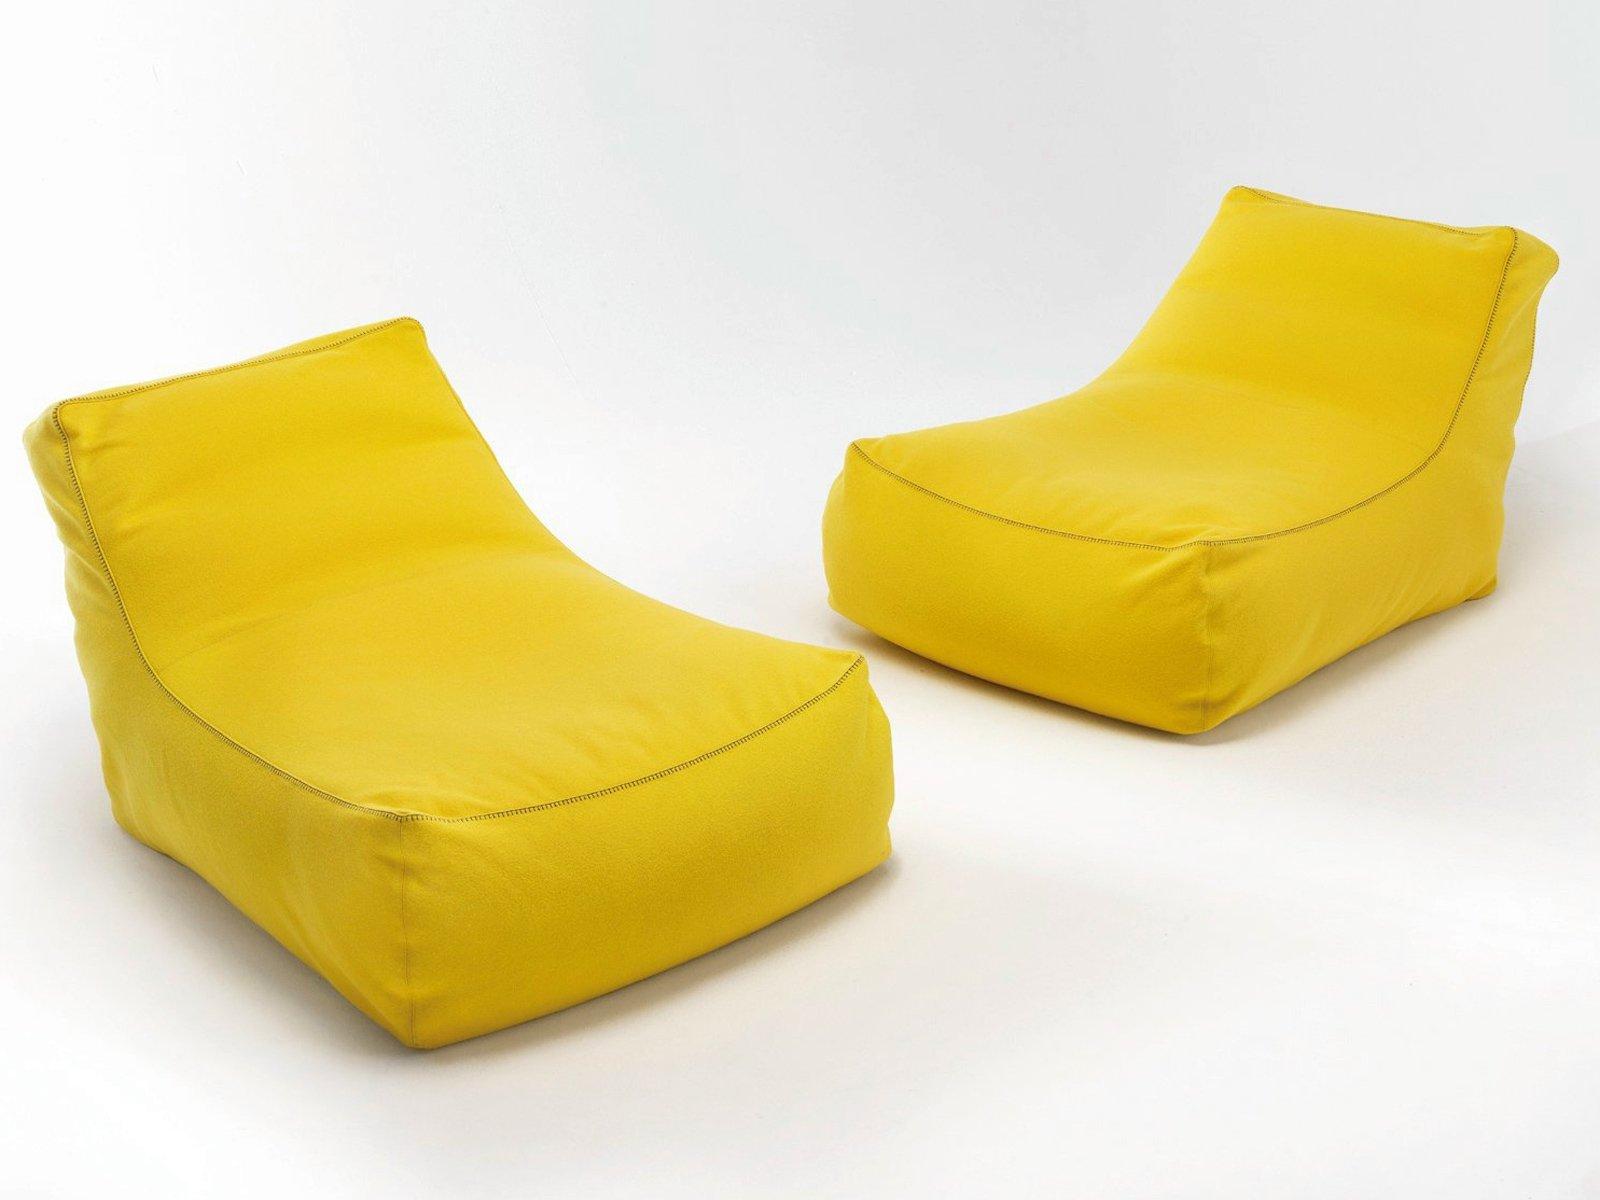 Sedute il design a misura di bambino cose di casa for Poltrona zoe verzelloni prezzo